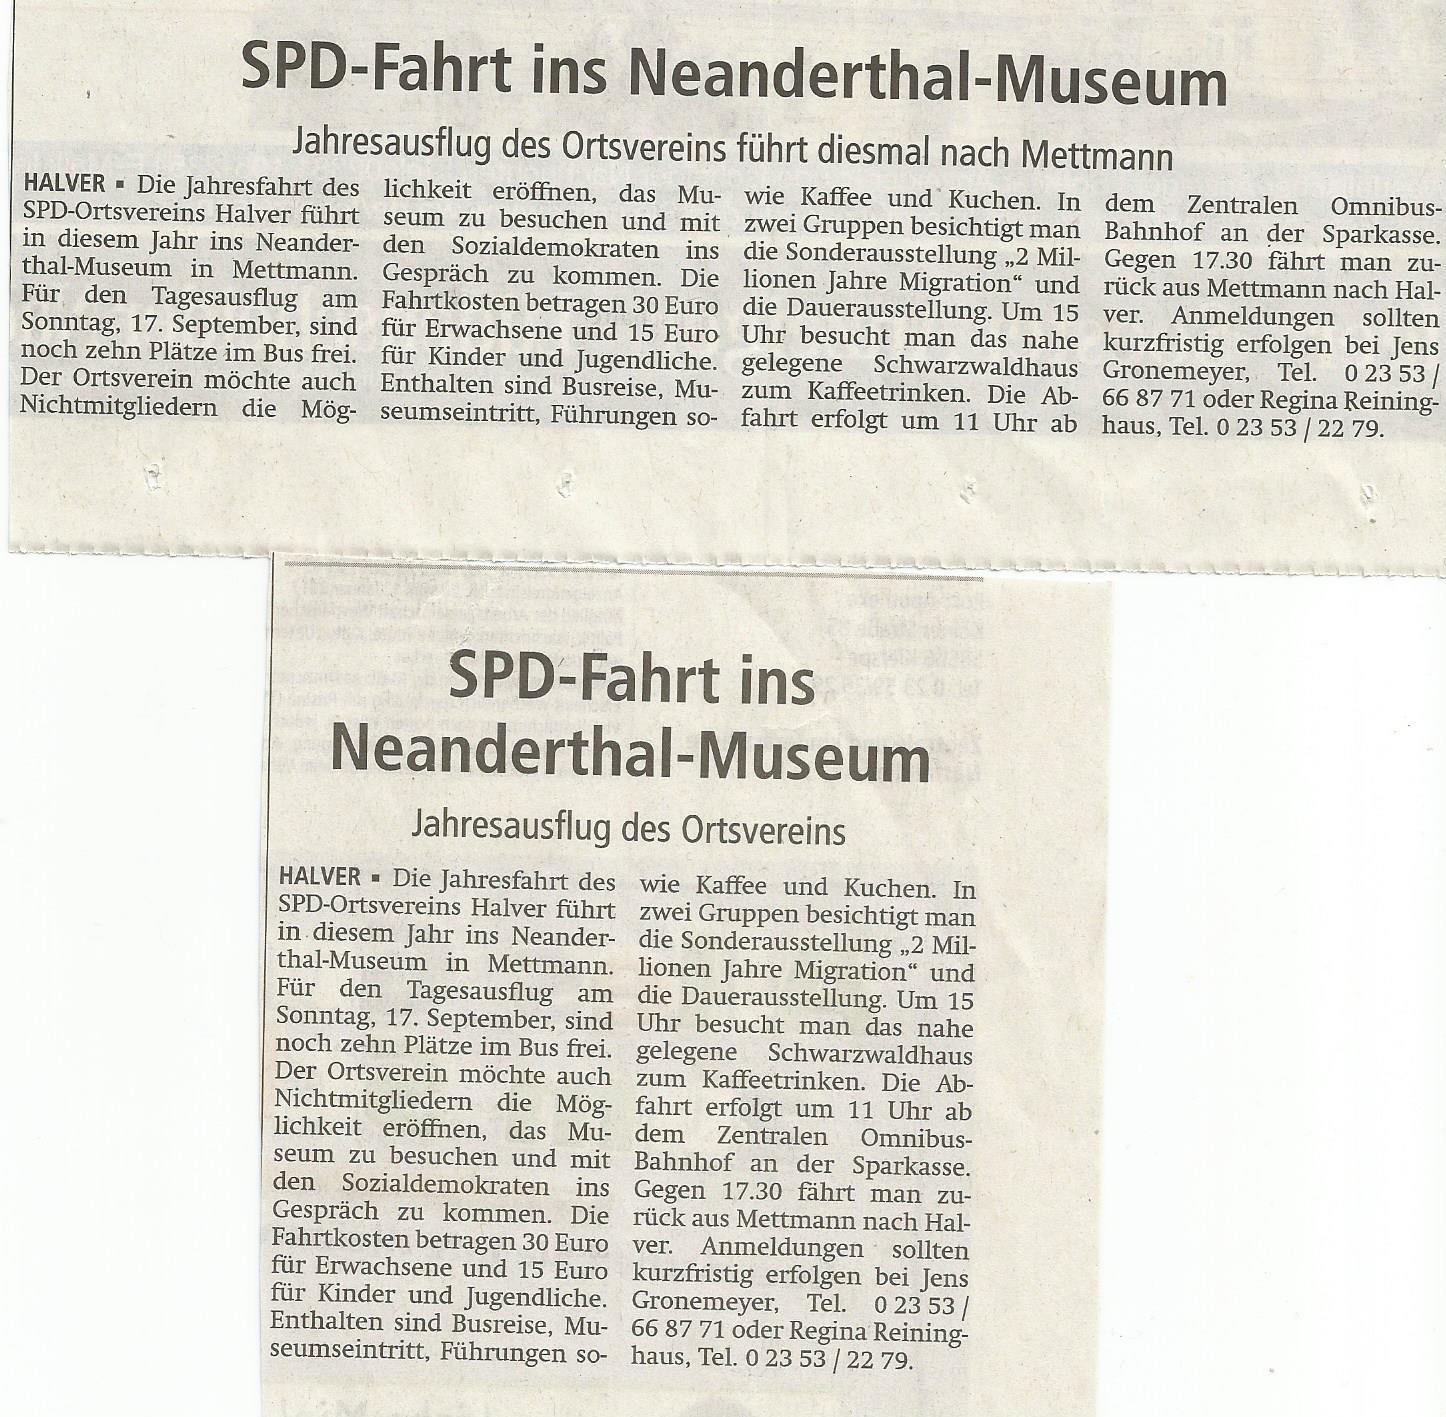 presseankündigung Neanderthal